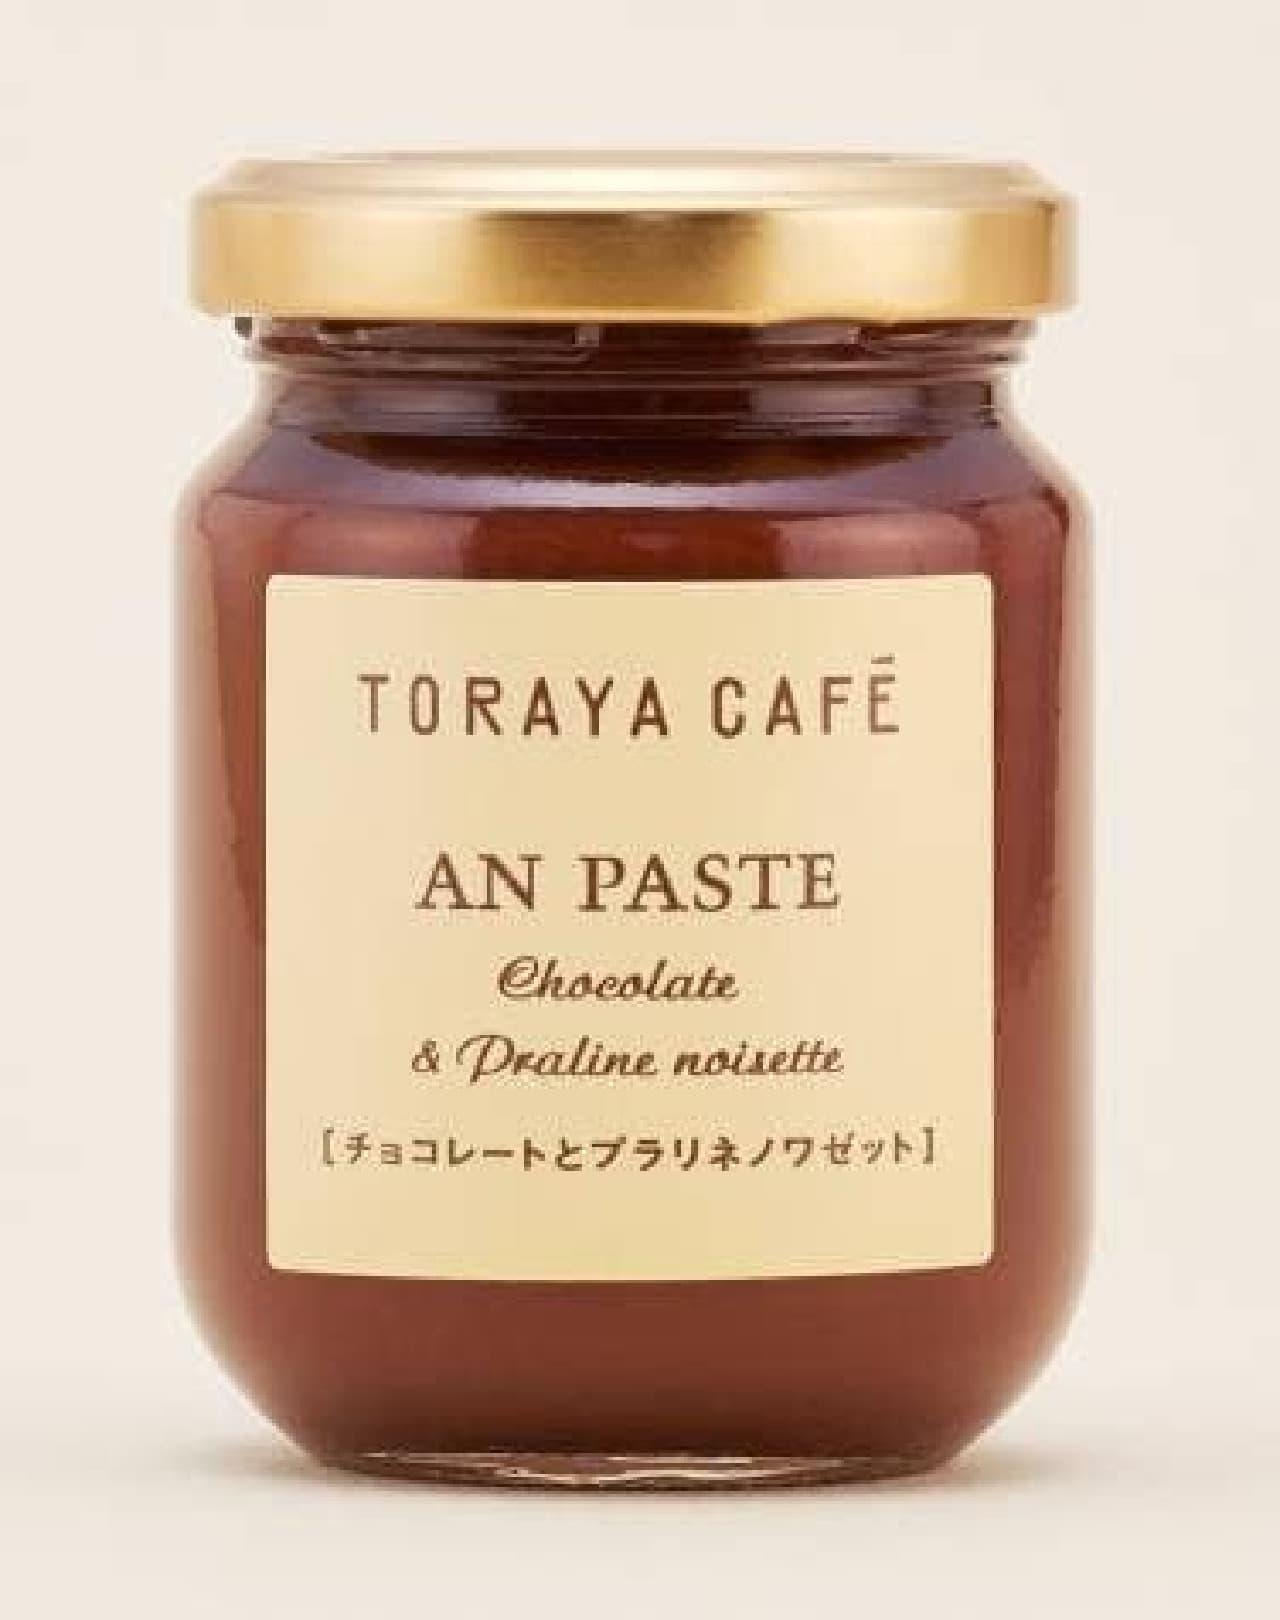 トラヤカフェの「あんペースト[チョコレートとプラリネノワゼット]」